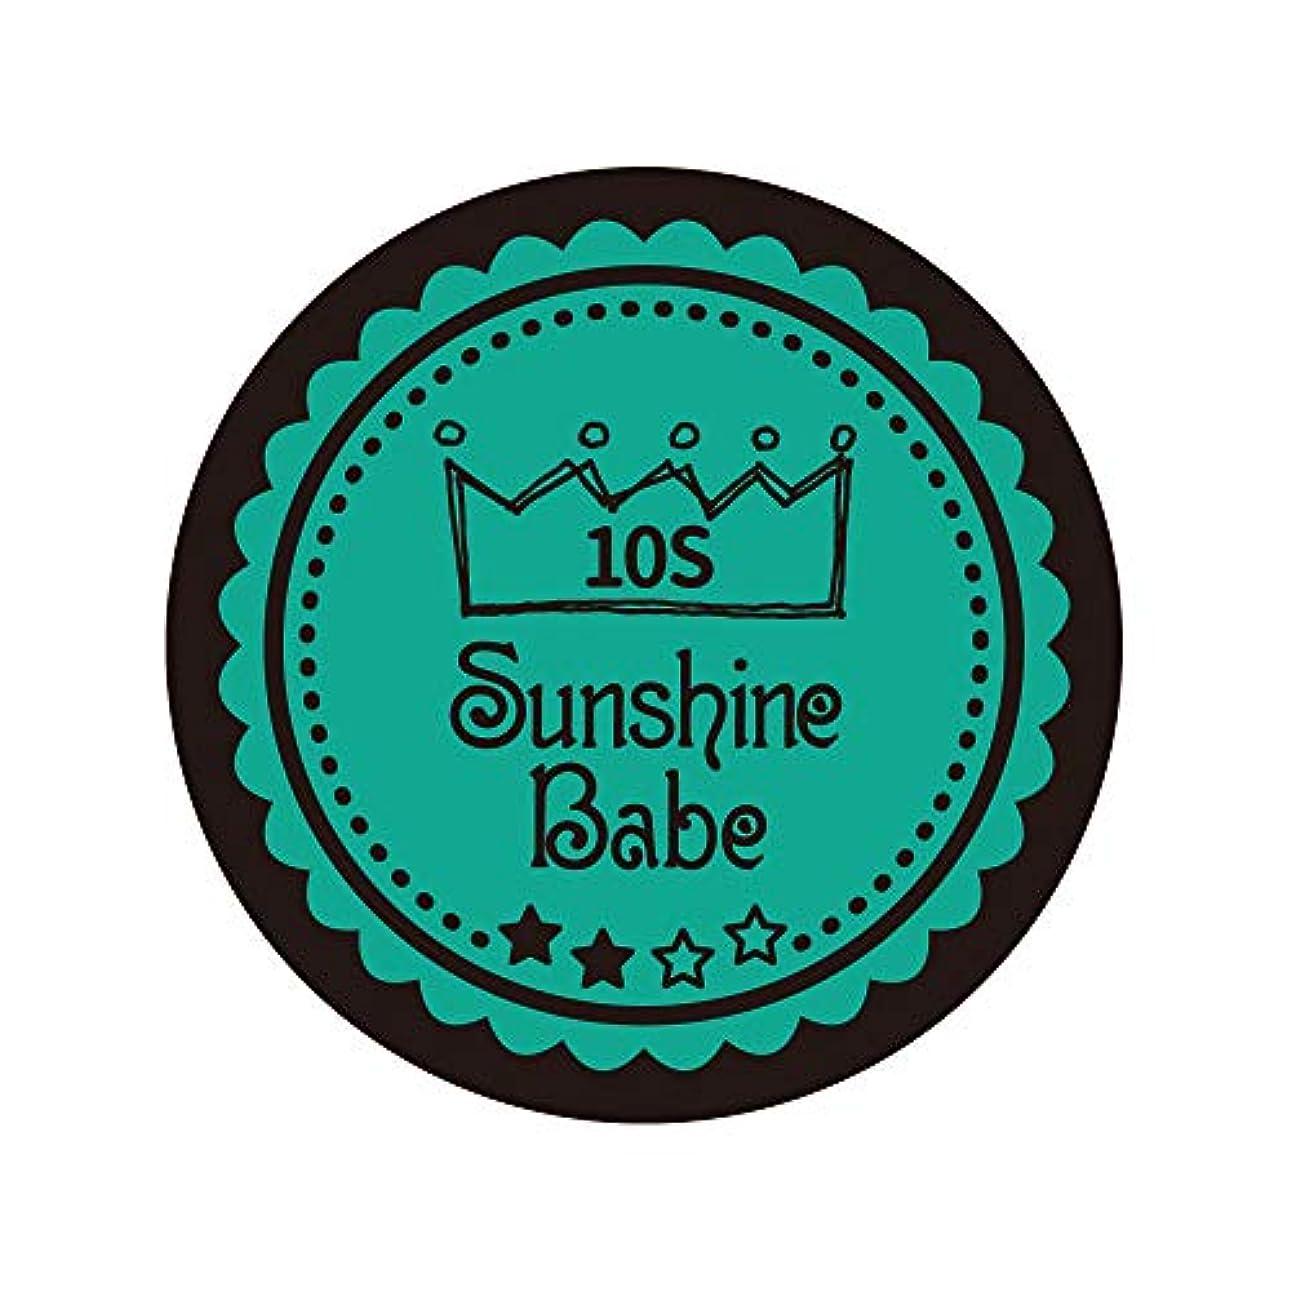 ブロックペットバランスSunshine Babe カラージェル 10S アルカディア 2.7g UV/LED対応